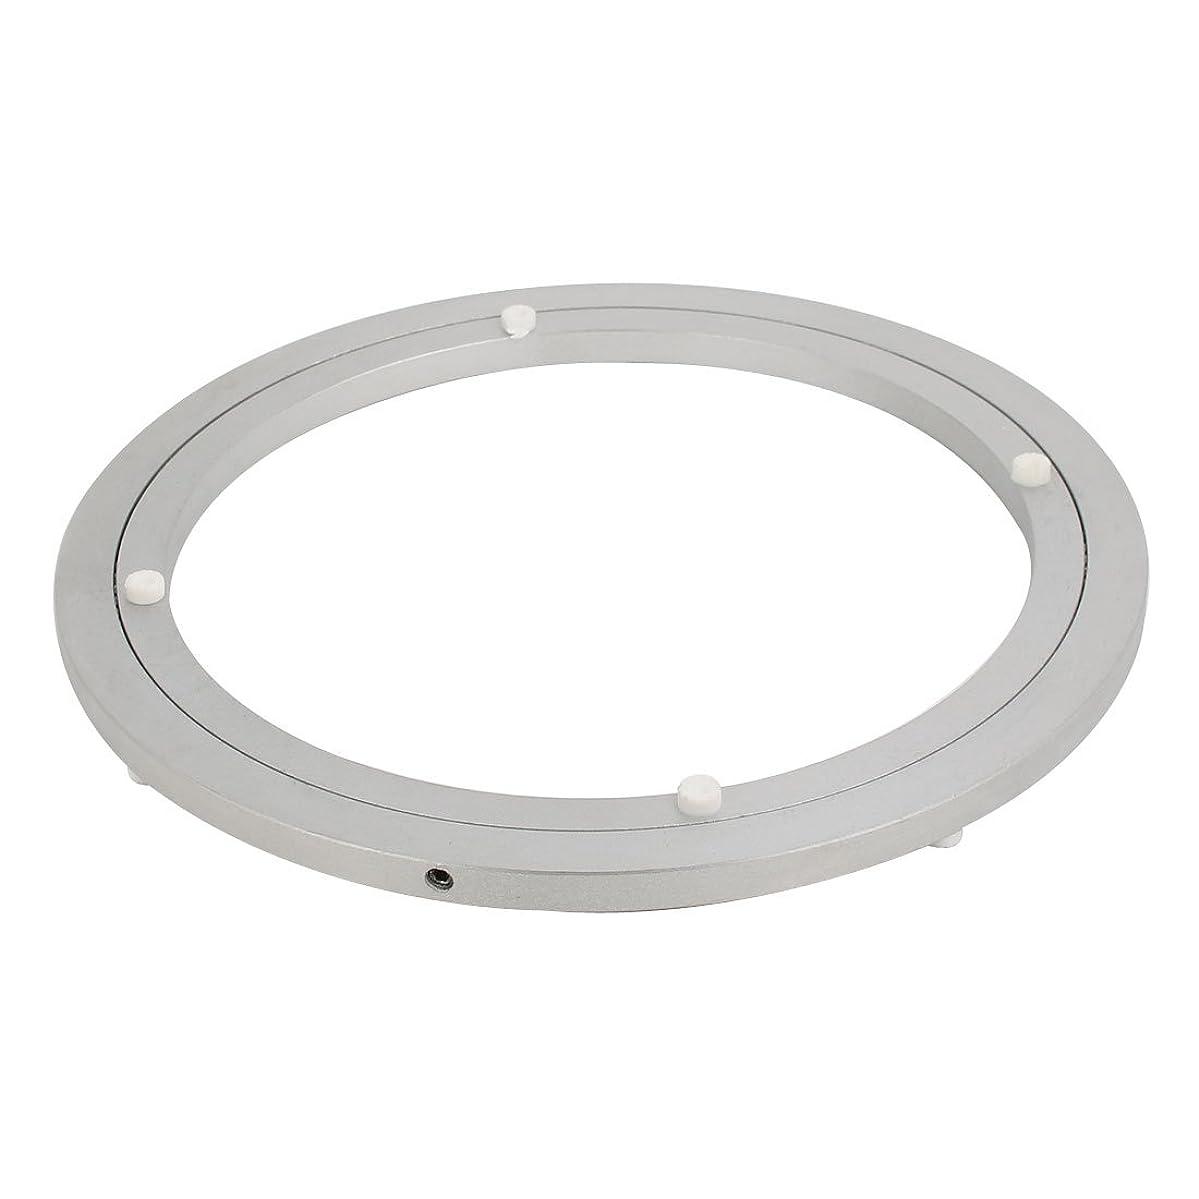 Aexit Round Aluminium Home Hardware 10